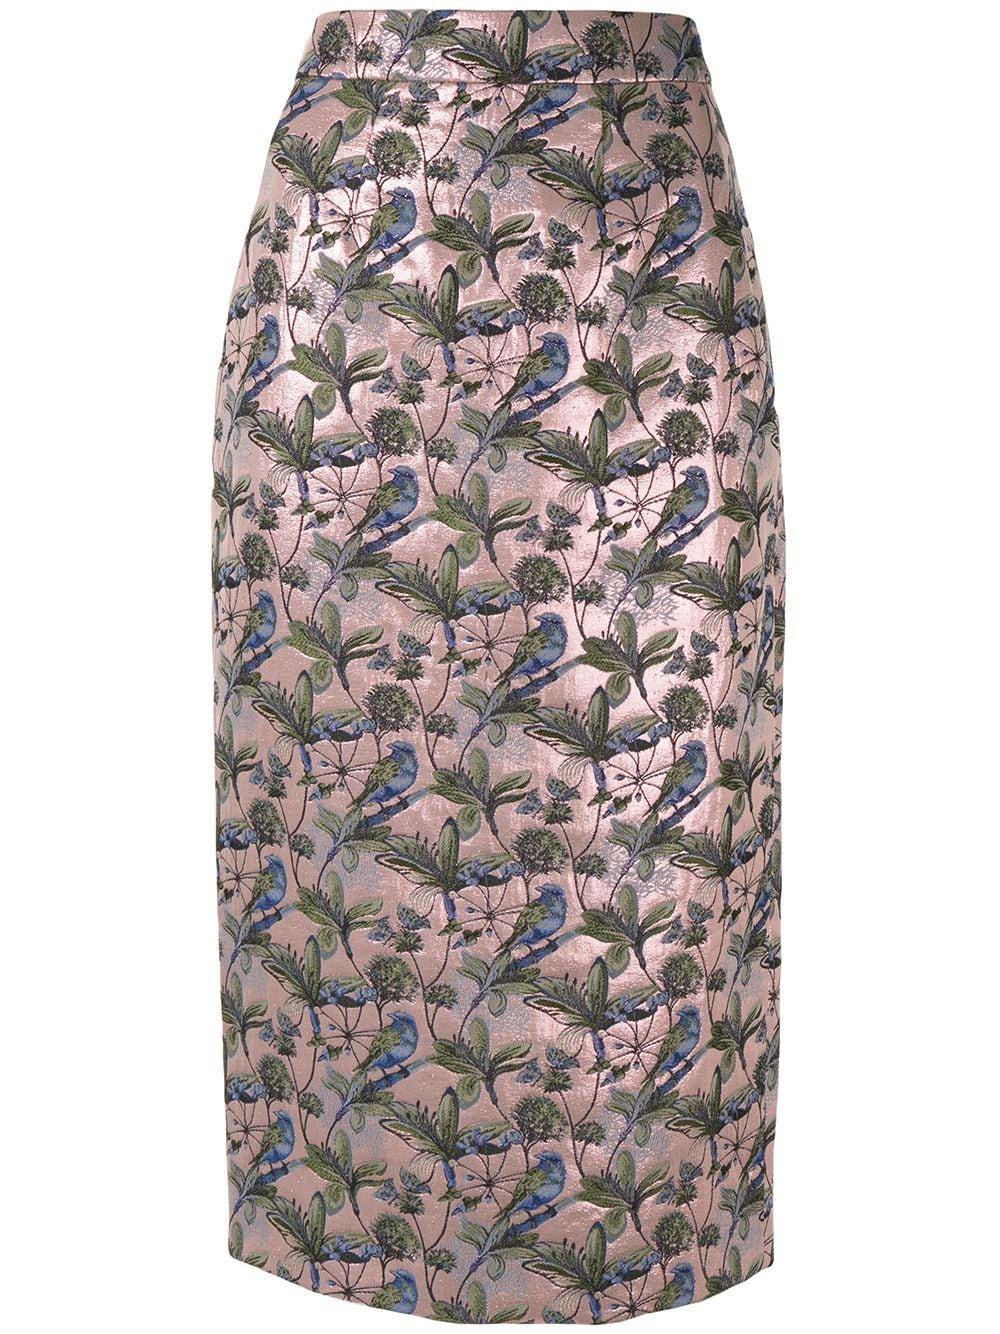 Shanghai Tang жаккардовая юбка-карандаш с цветочным узором